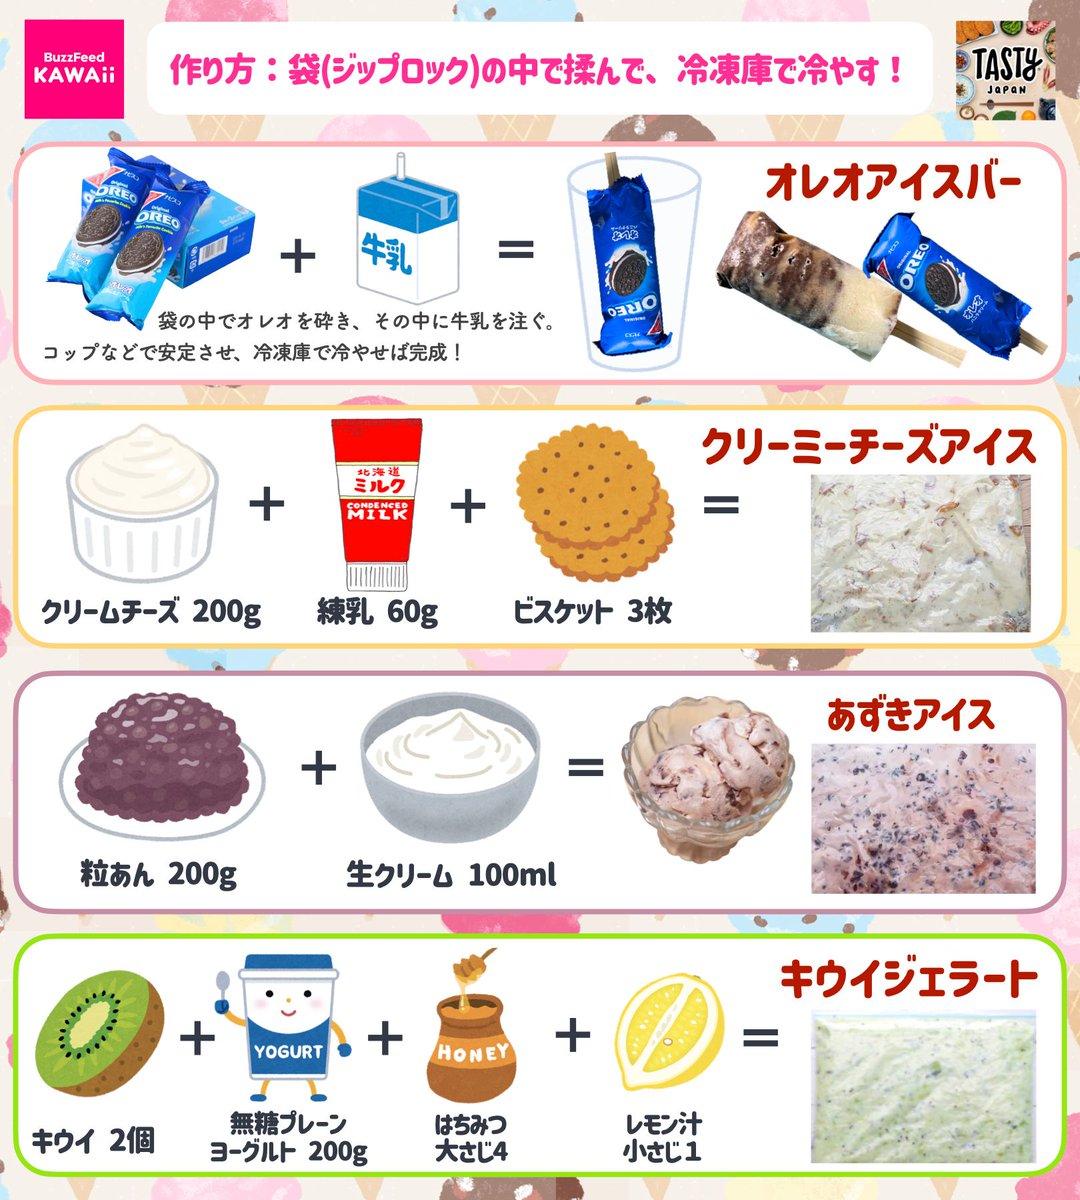 これからの季節に良さそう!お手軽に作れちゃうアイスレシピ4選!